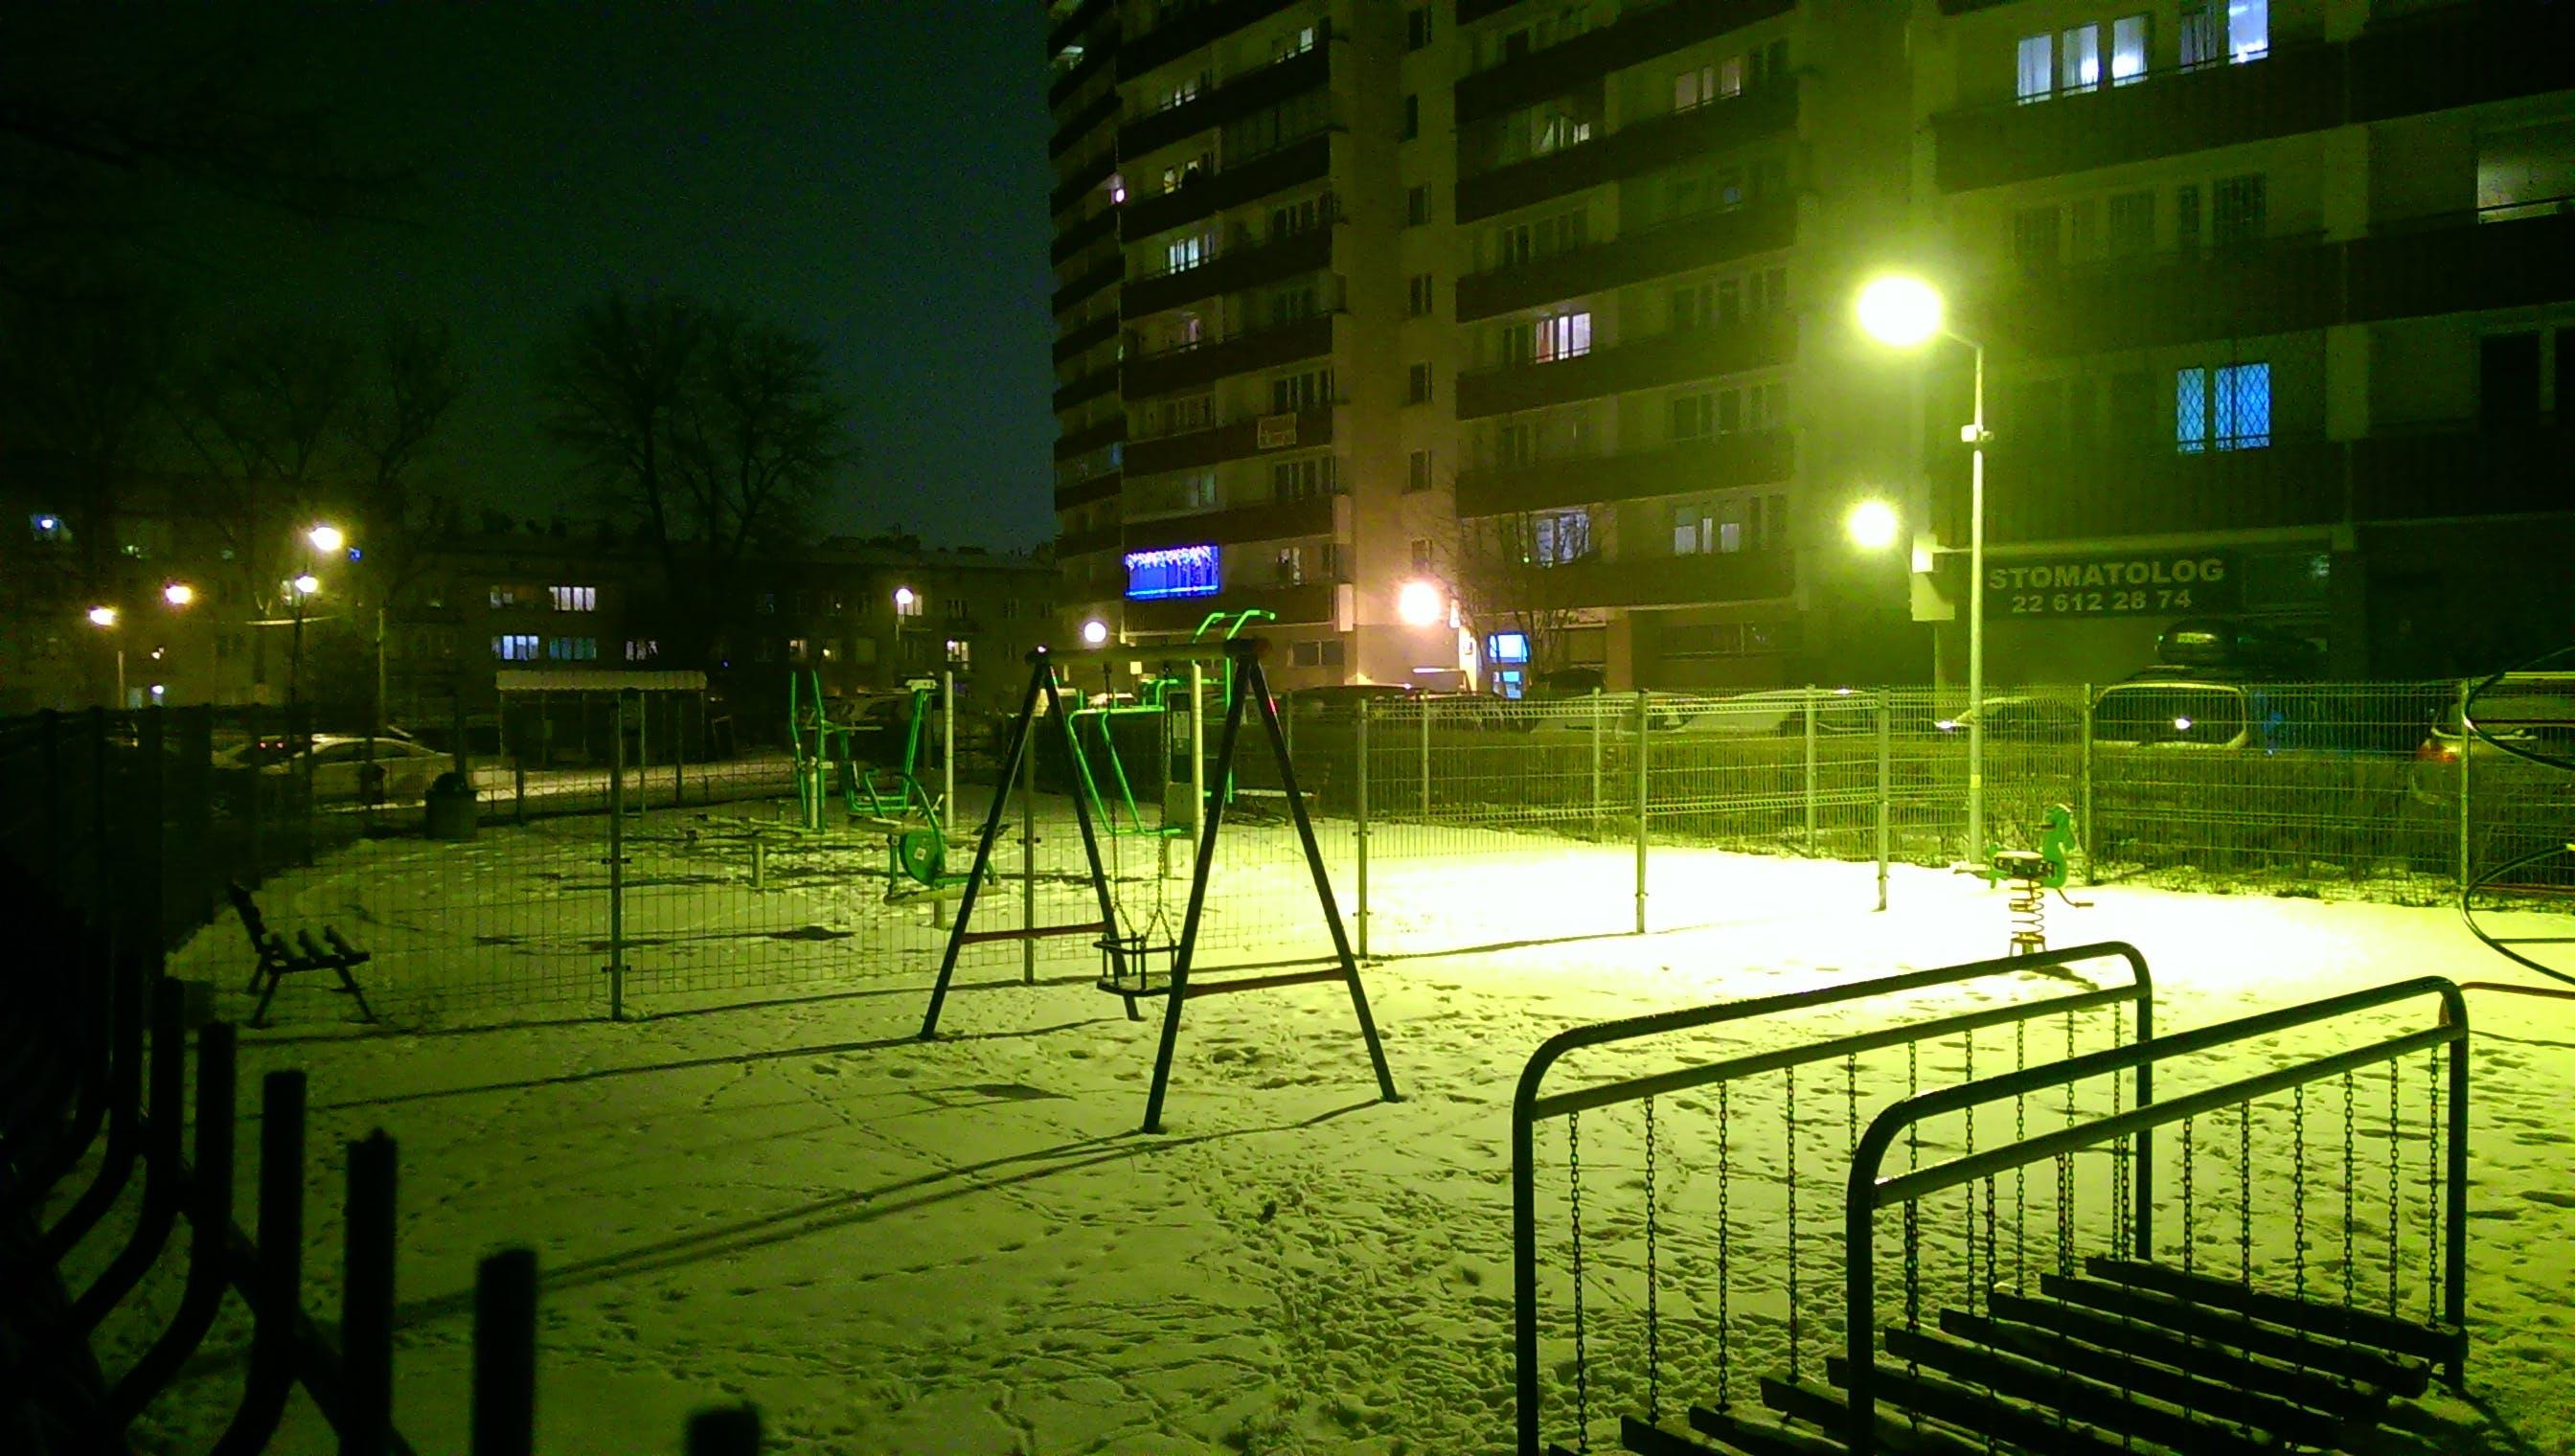 Free stock photo of playground, winter